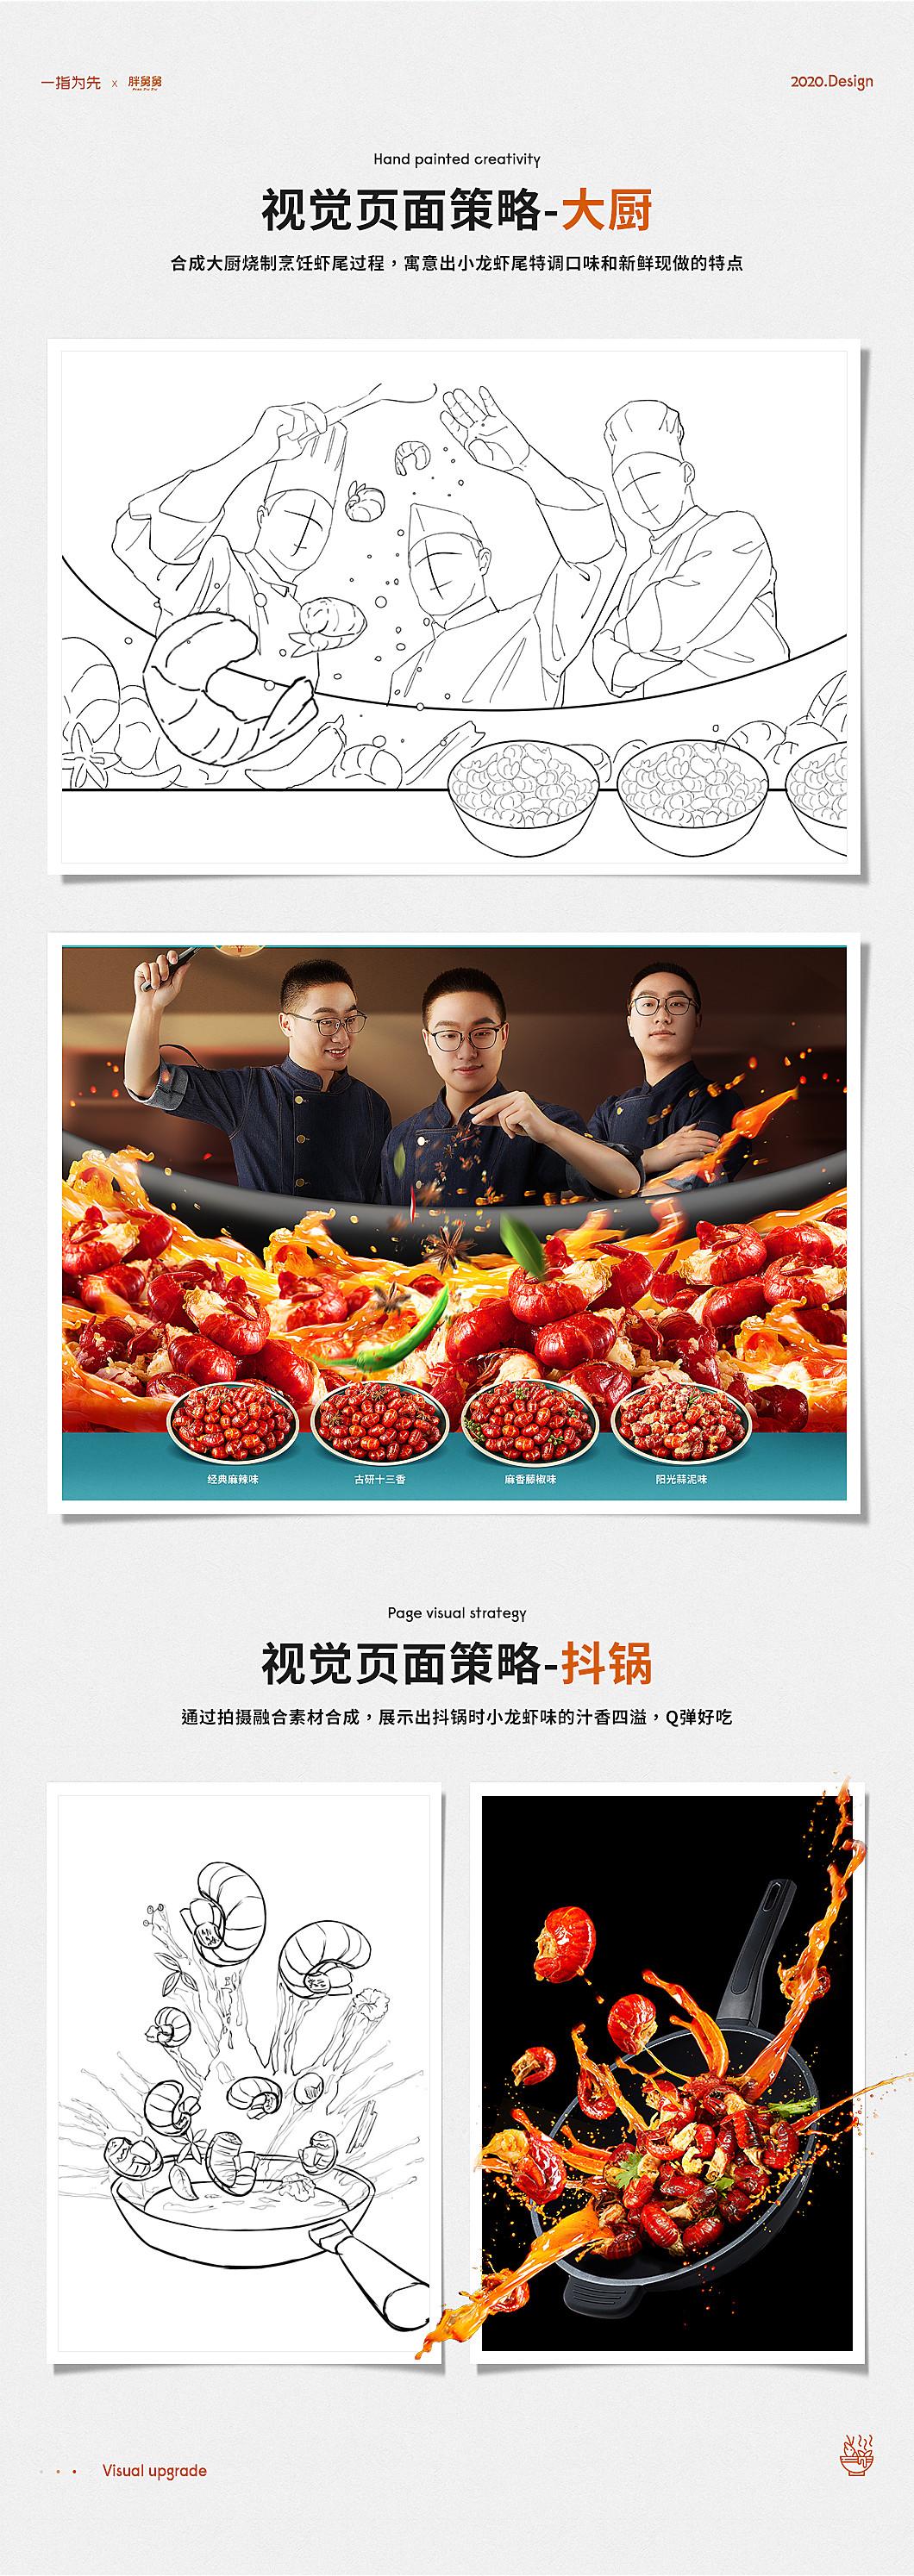 品类TOP爆款打造 食品详情页分享 一指为先